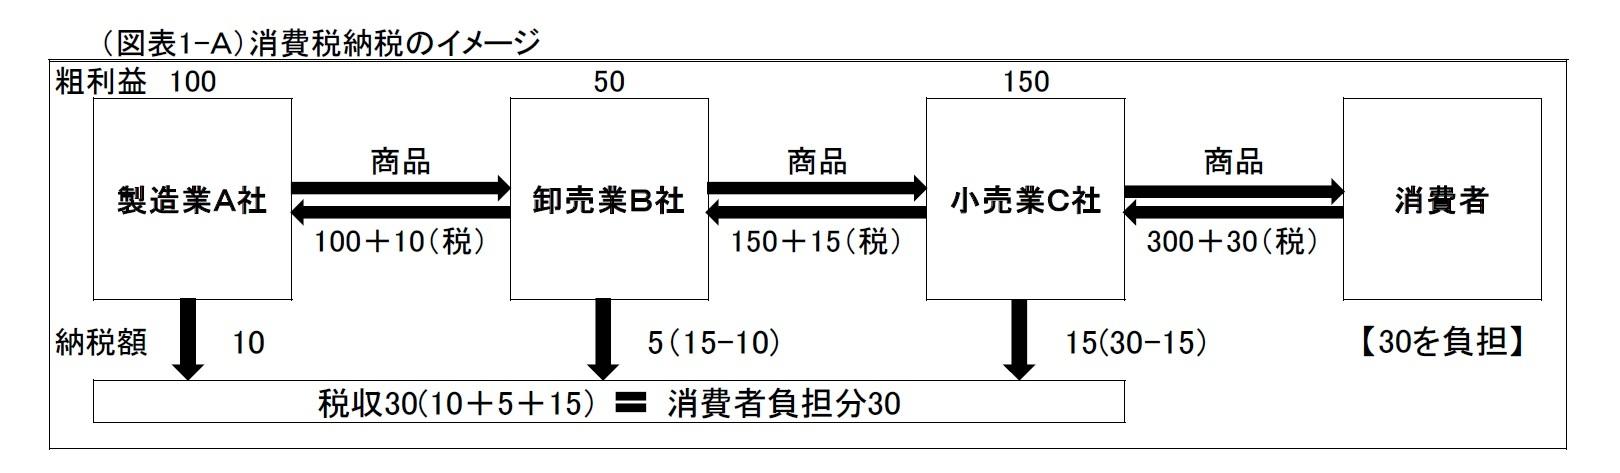 (図表1-A)消費税納税のイメージ